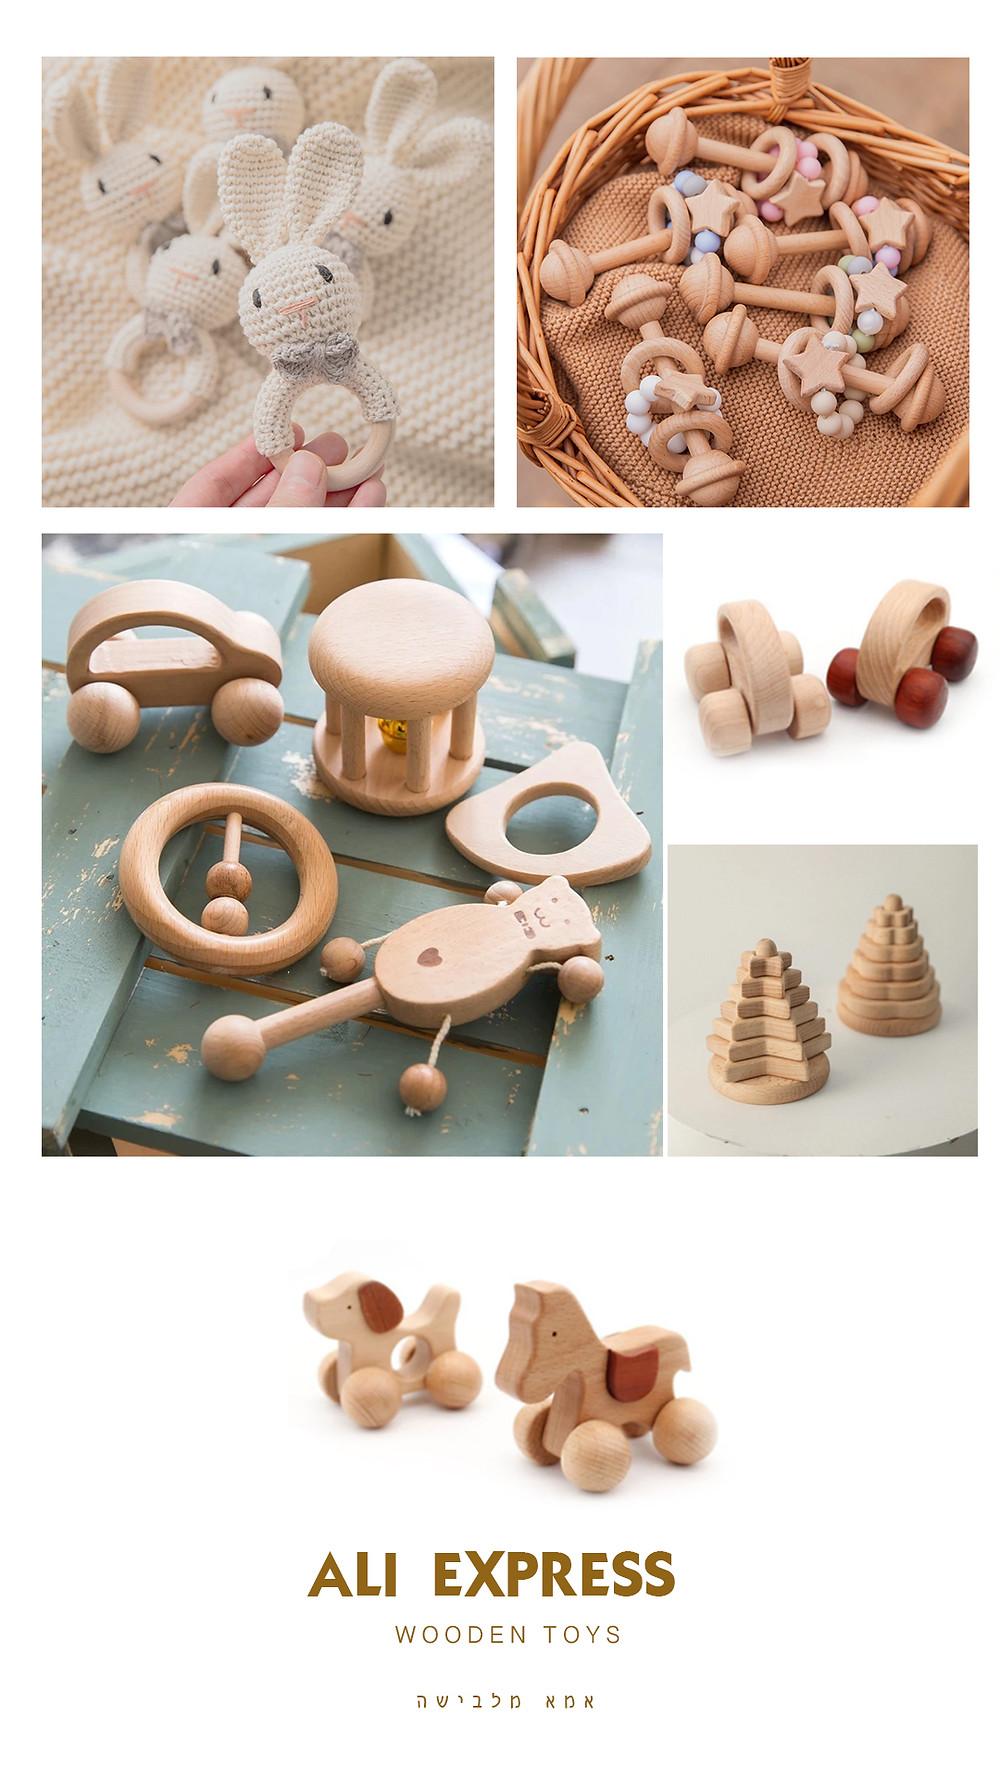 צעצועי עץ עלי אקספרס אמא מלבישה